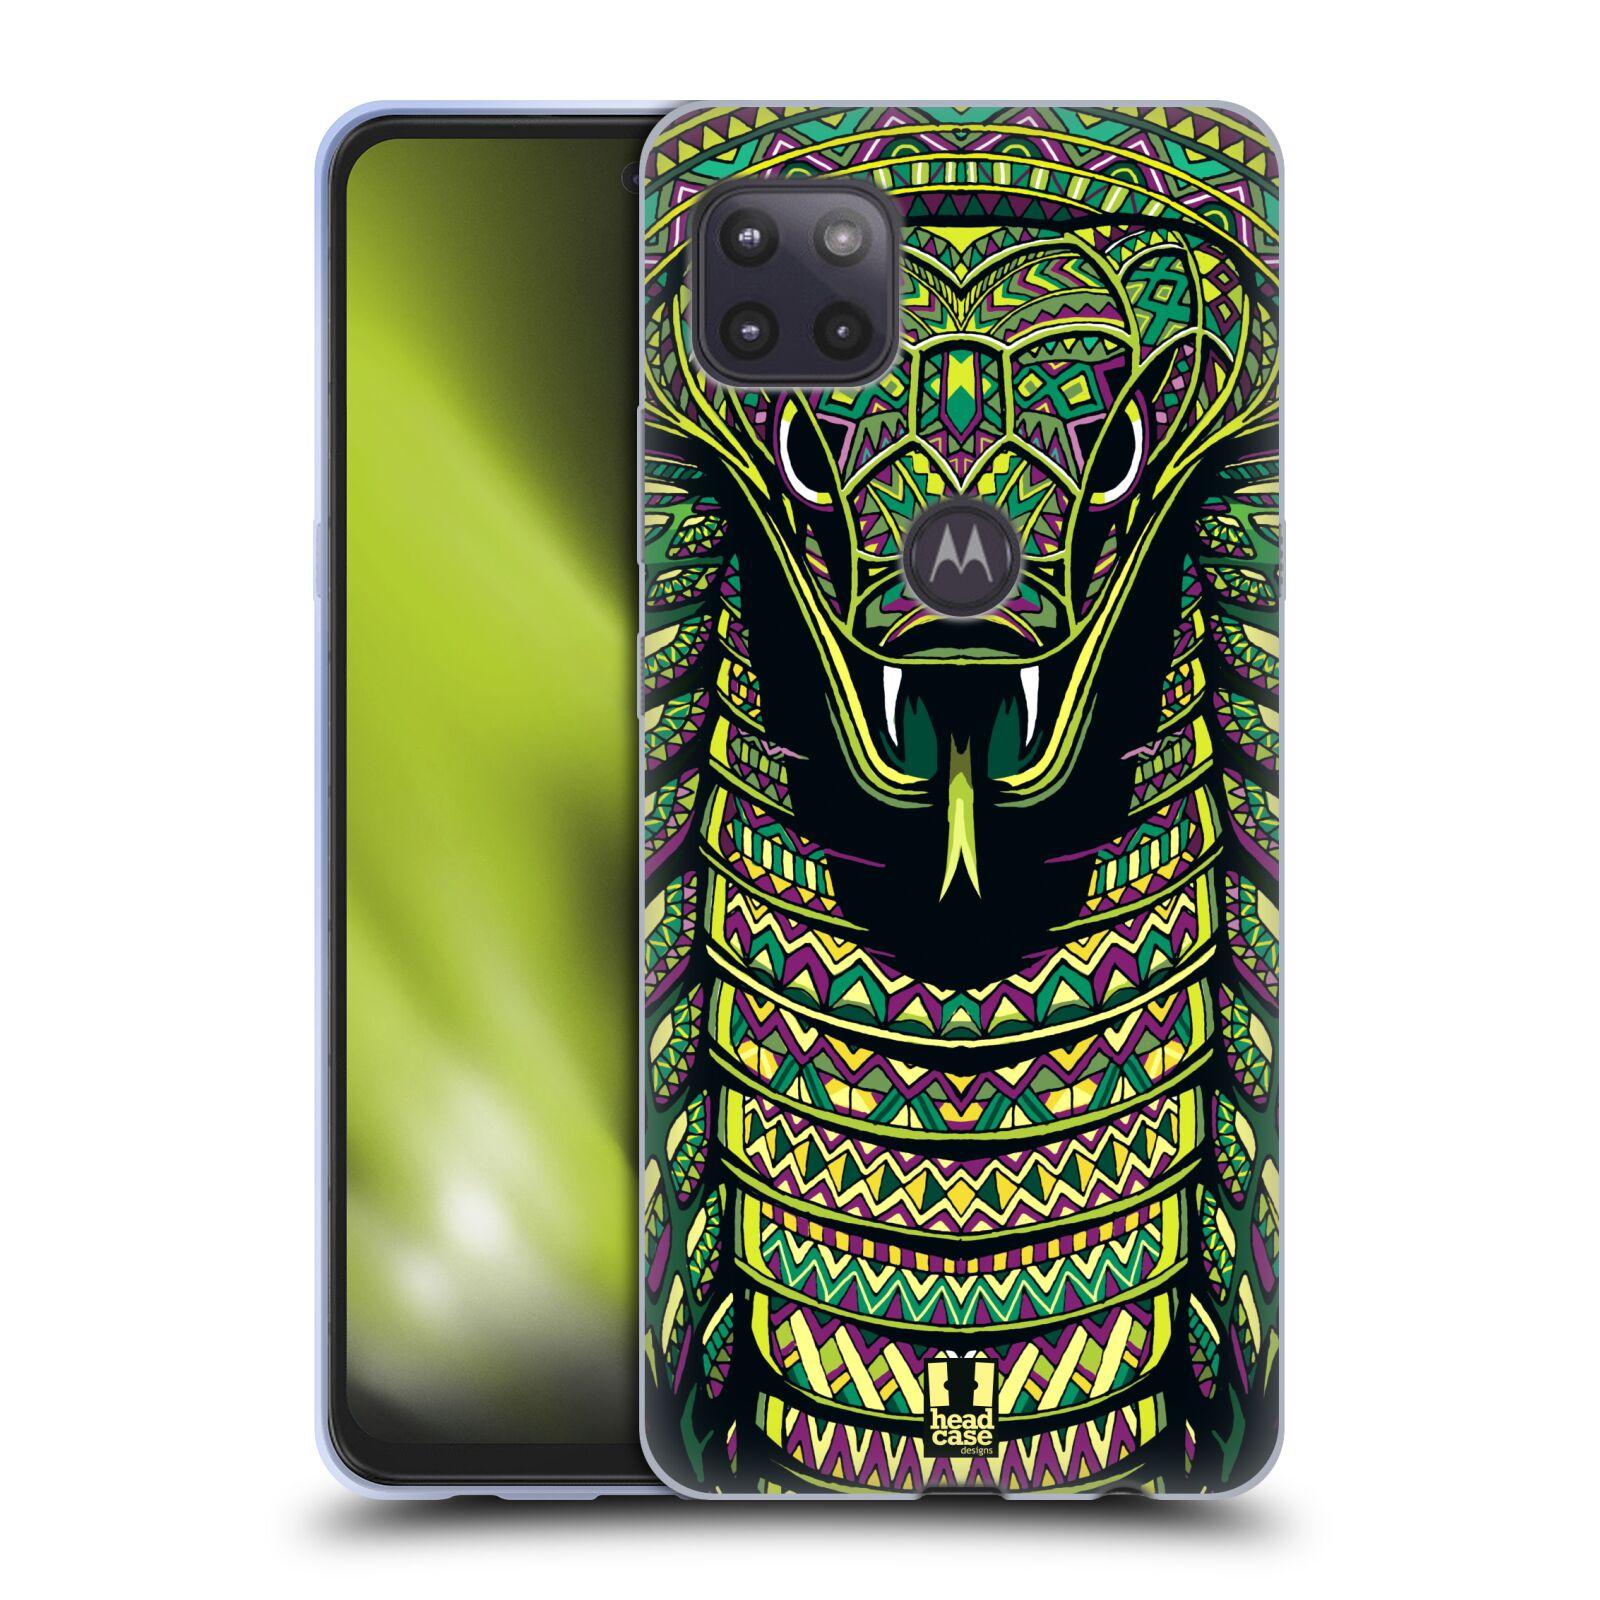 Silikonové pouzdro na mobil Motorola Moto G 5G - Head Case - AZTEC HAD